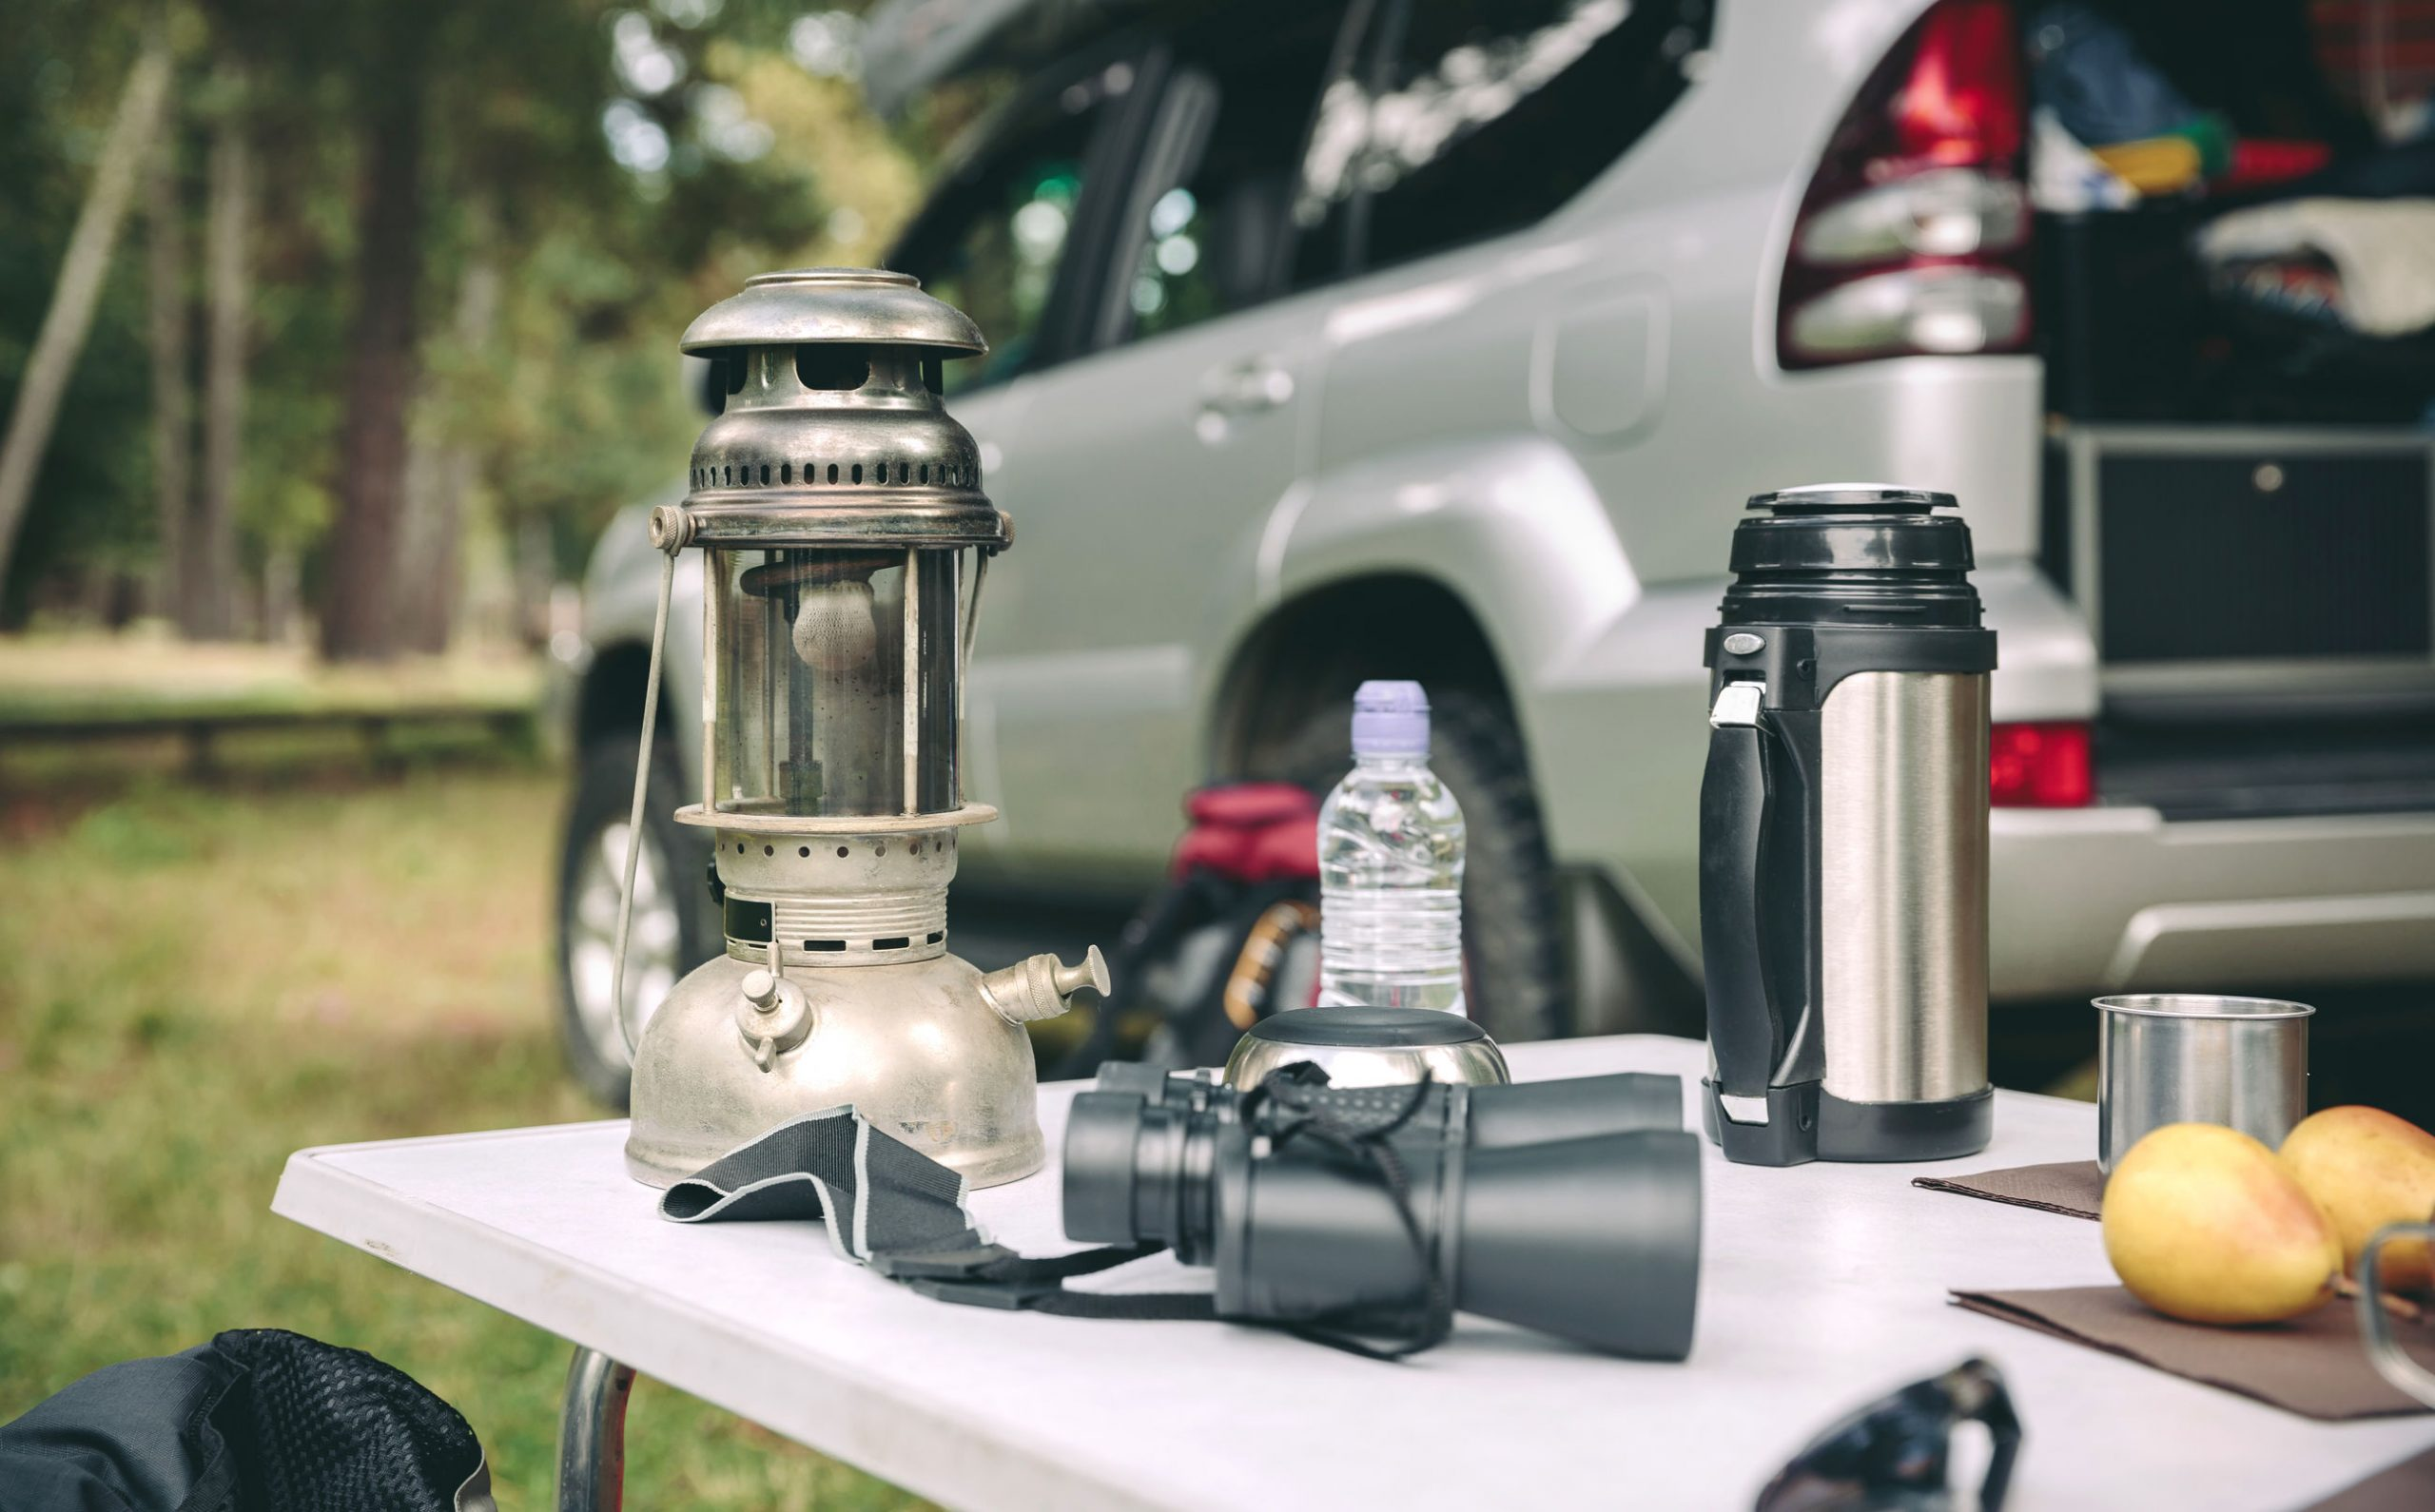 Lámpara de aceite, termo y binoculares sobre una mesa de camping en el bosque con un vehículo todoterreno en el fondo